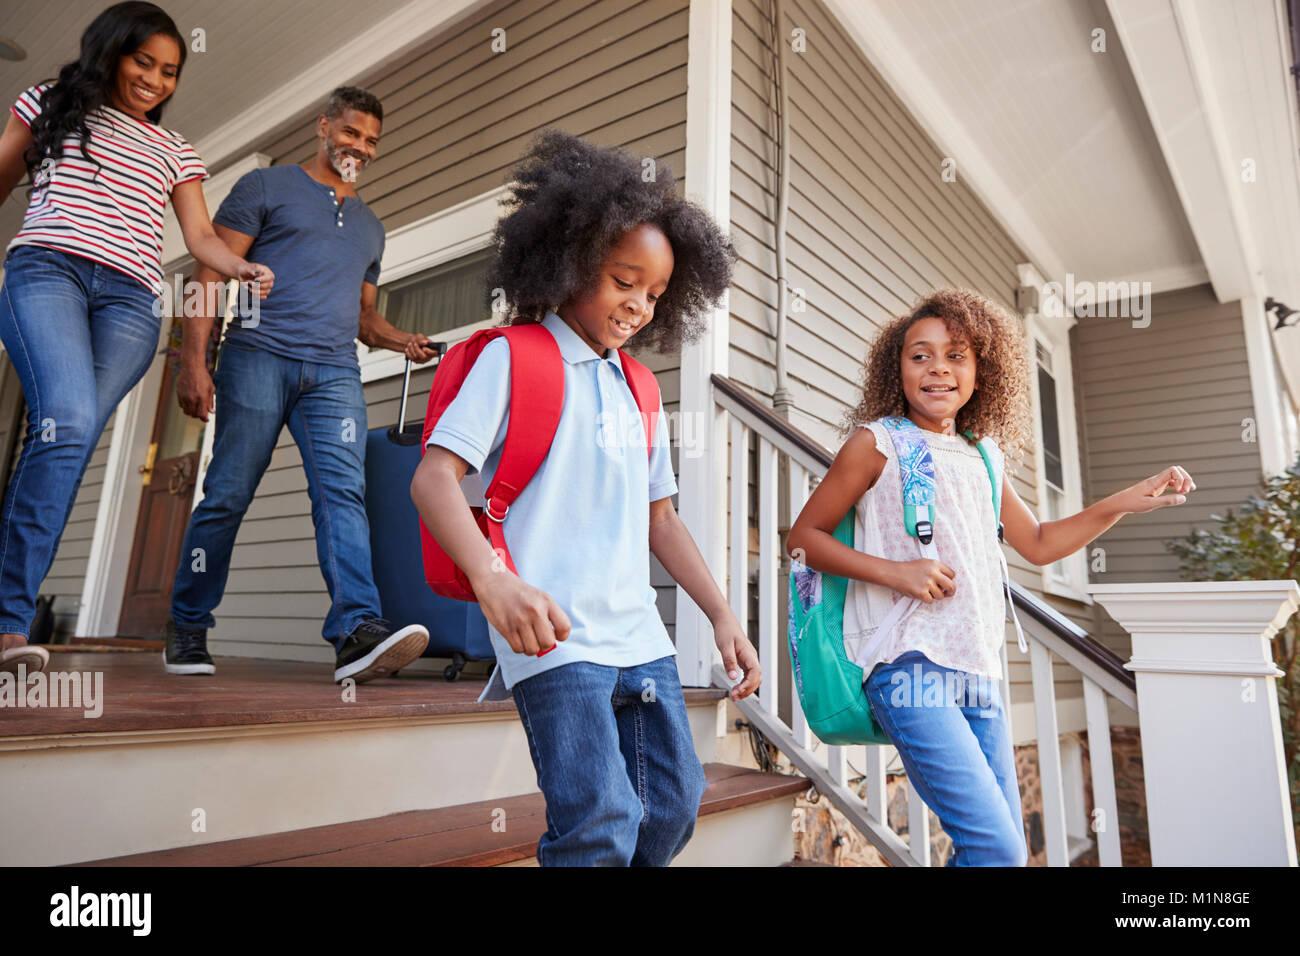 Famille avec une assurance de quitter Maison de Vacances Photo Stock